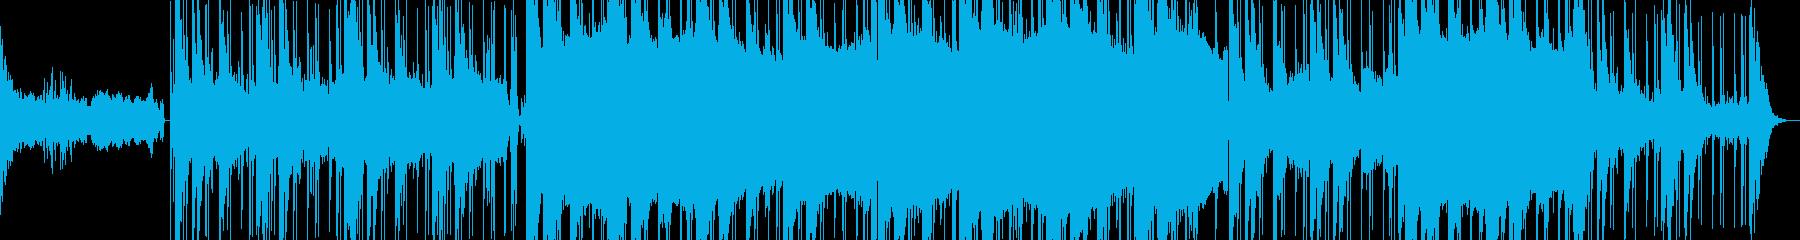 Electronicaの再生済みの波形